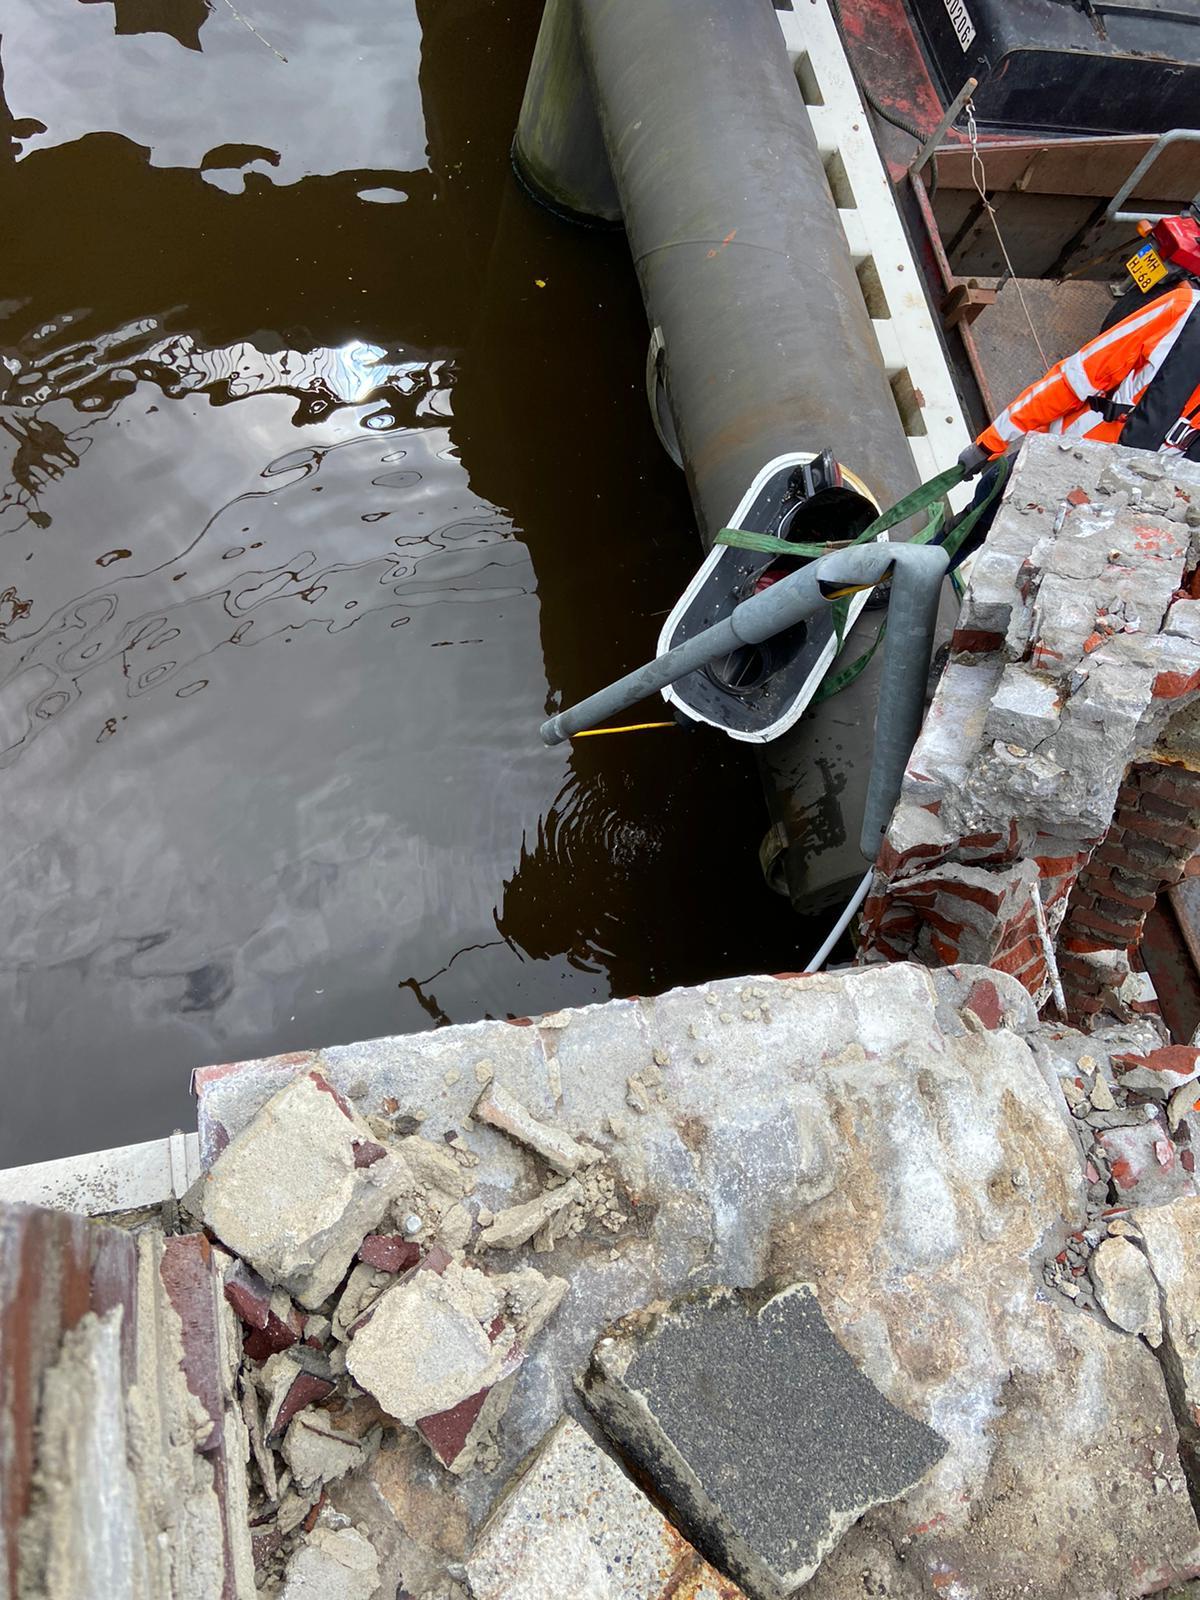 Het stoplicht van de Gerrit Krolbrug wordt weggehaald. (Foto Twitter / Rijkswaterstaat Noord NL)